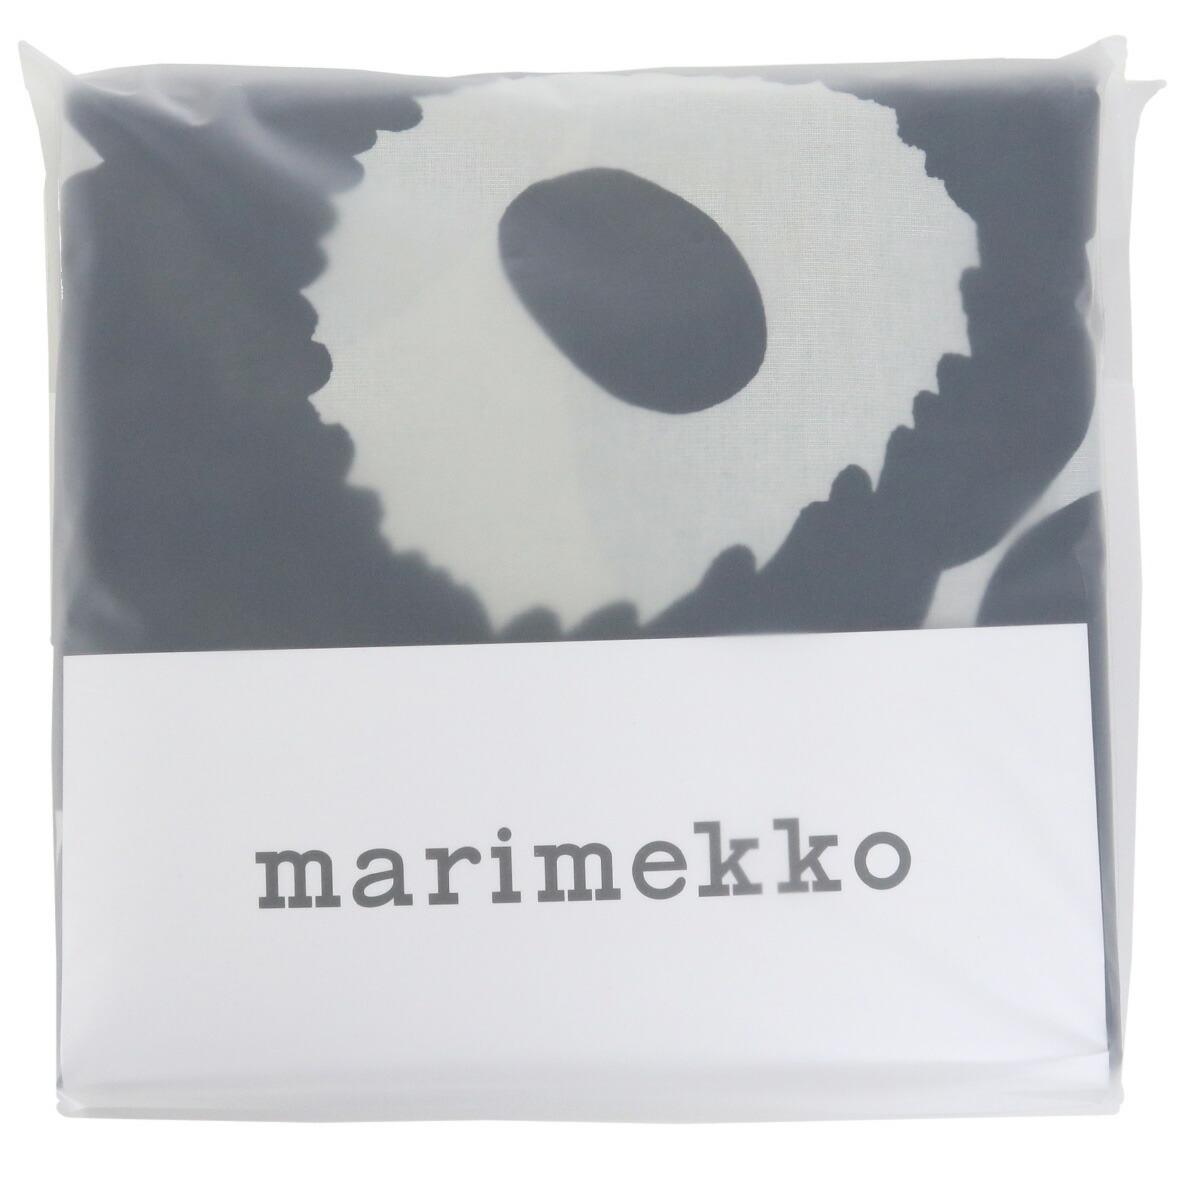 マリメッコ marimekko  生活雑貨 インテリア リネン ベッドルーム 寝具 ウニッコ unikko 70517 掛け布団カバー 851 ブラック